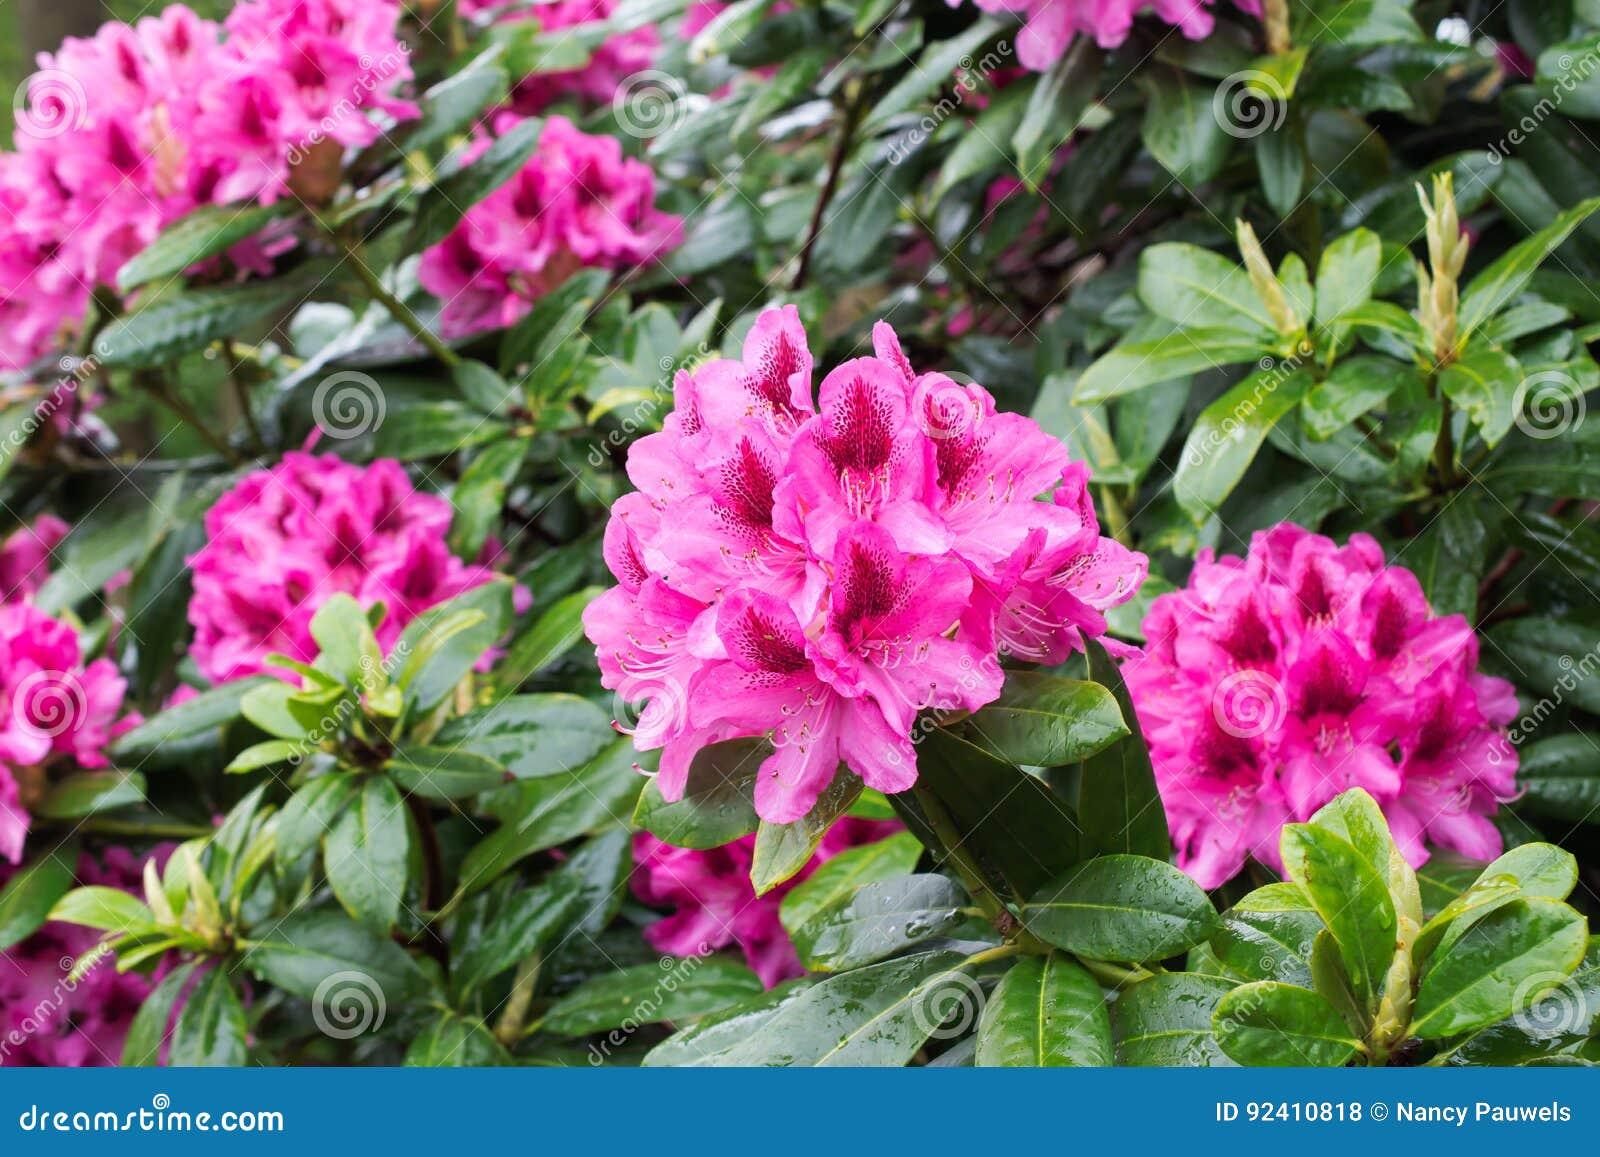 Cespugli Sempreverdi Con Fiori fiori rosa del cespuglio del rododendro fotografia stock